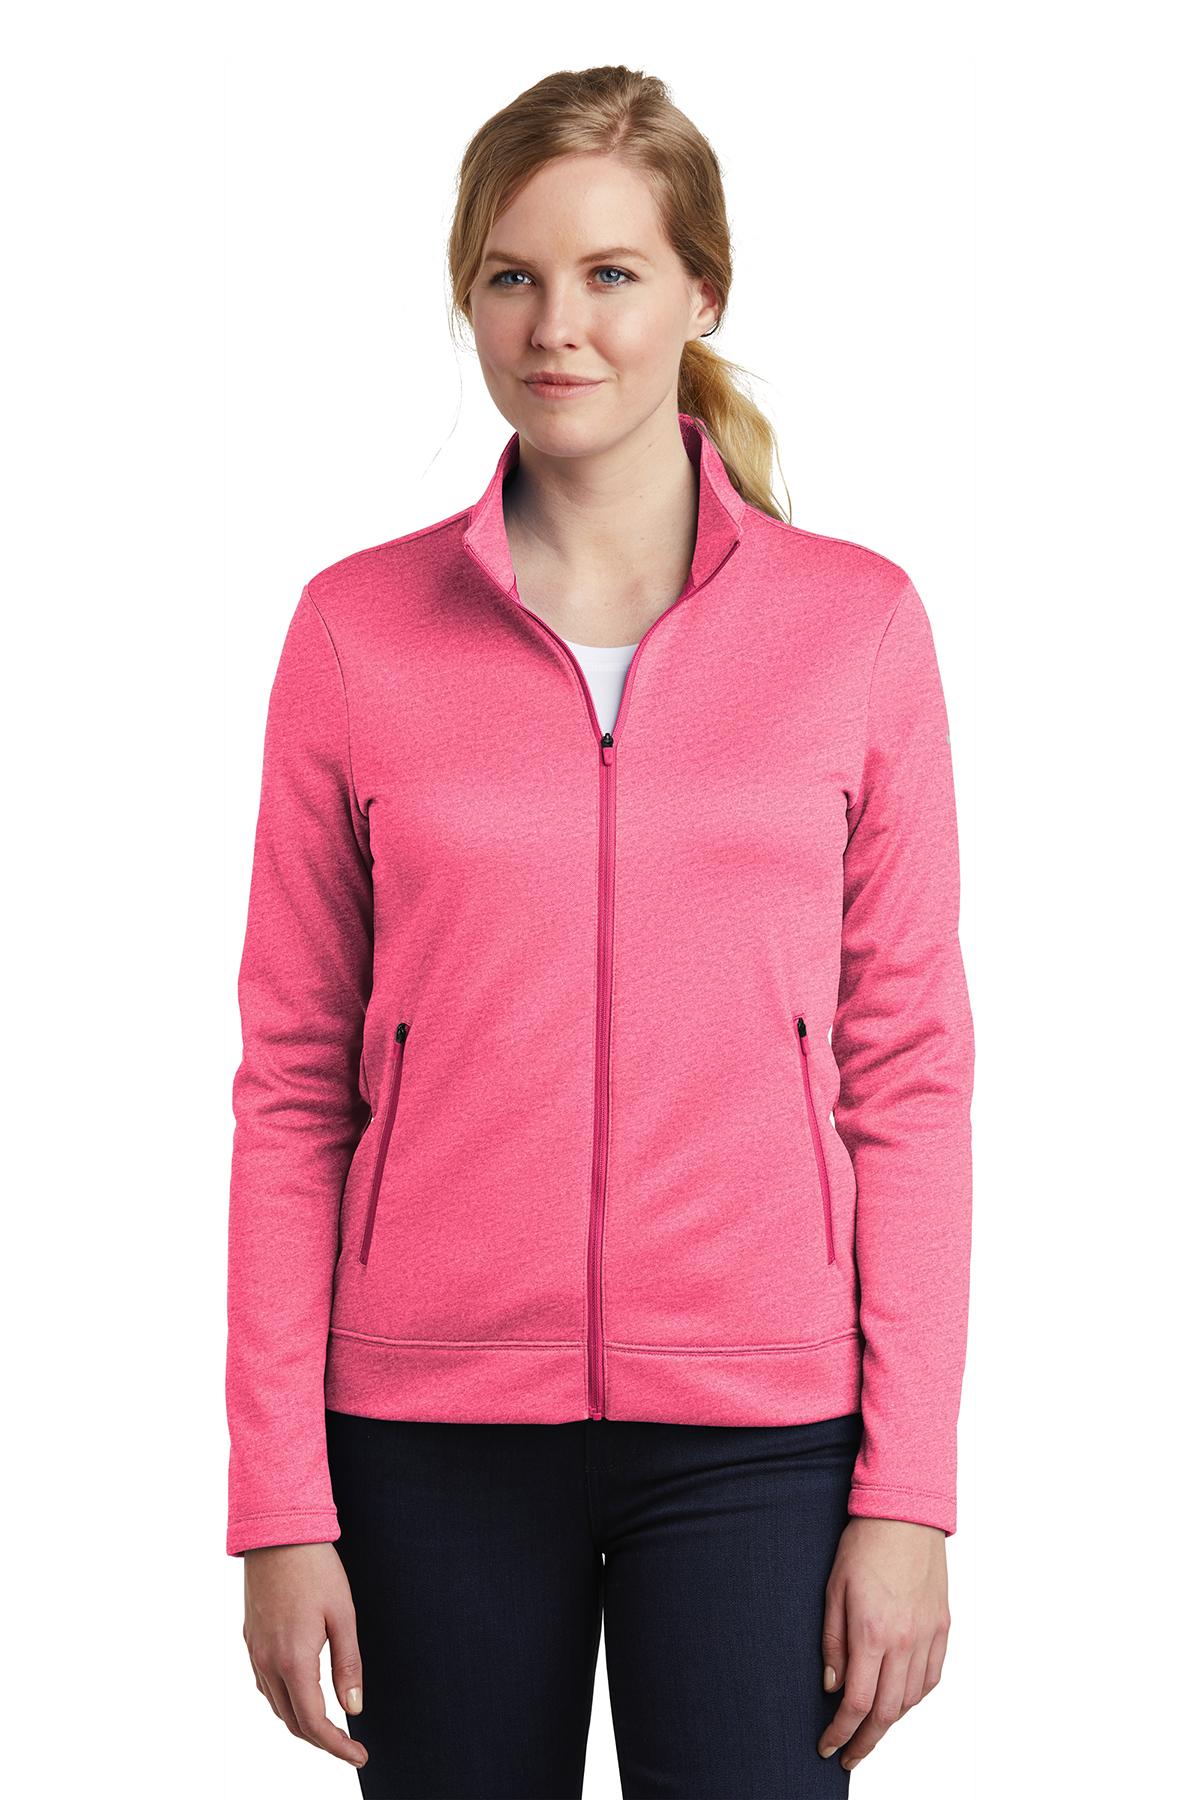 Nike Golf NKAH6260 - Ladies Therma-FIT Full Zip Fleece